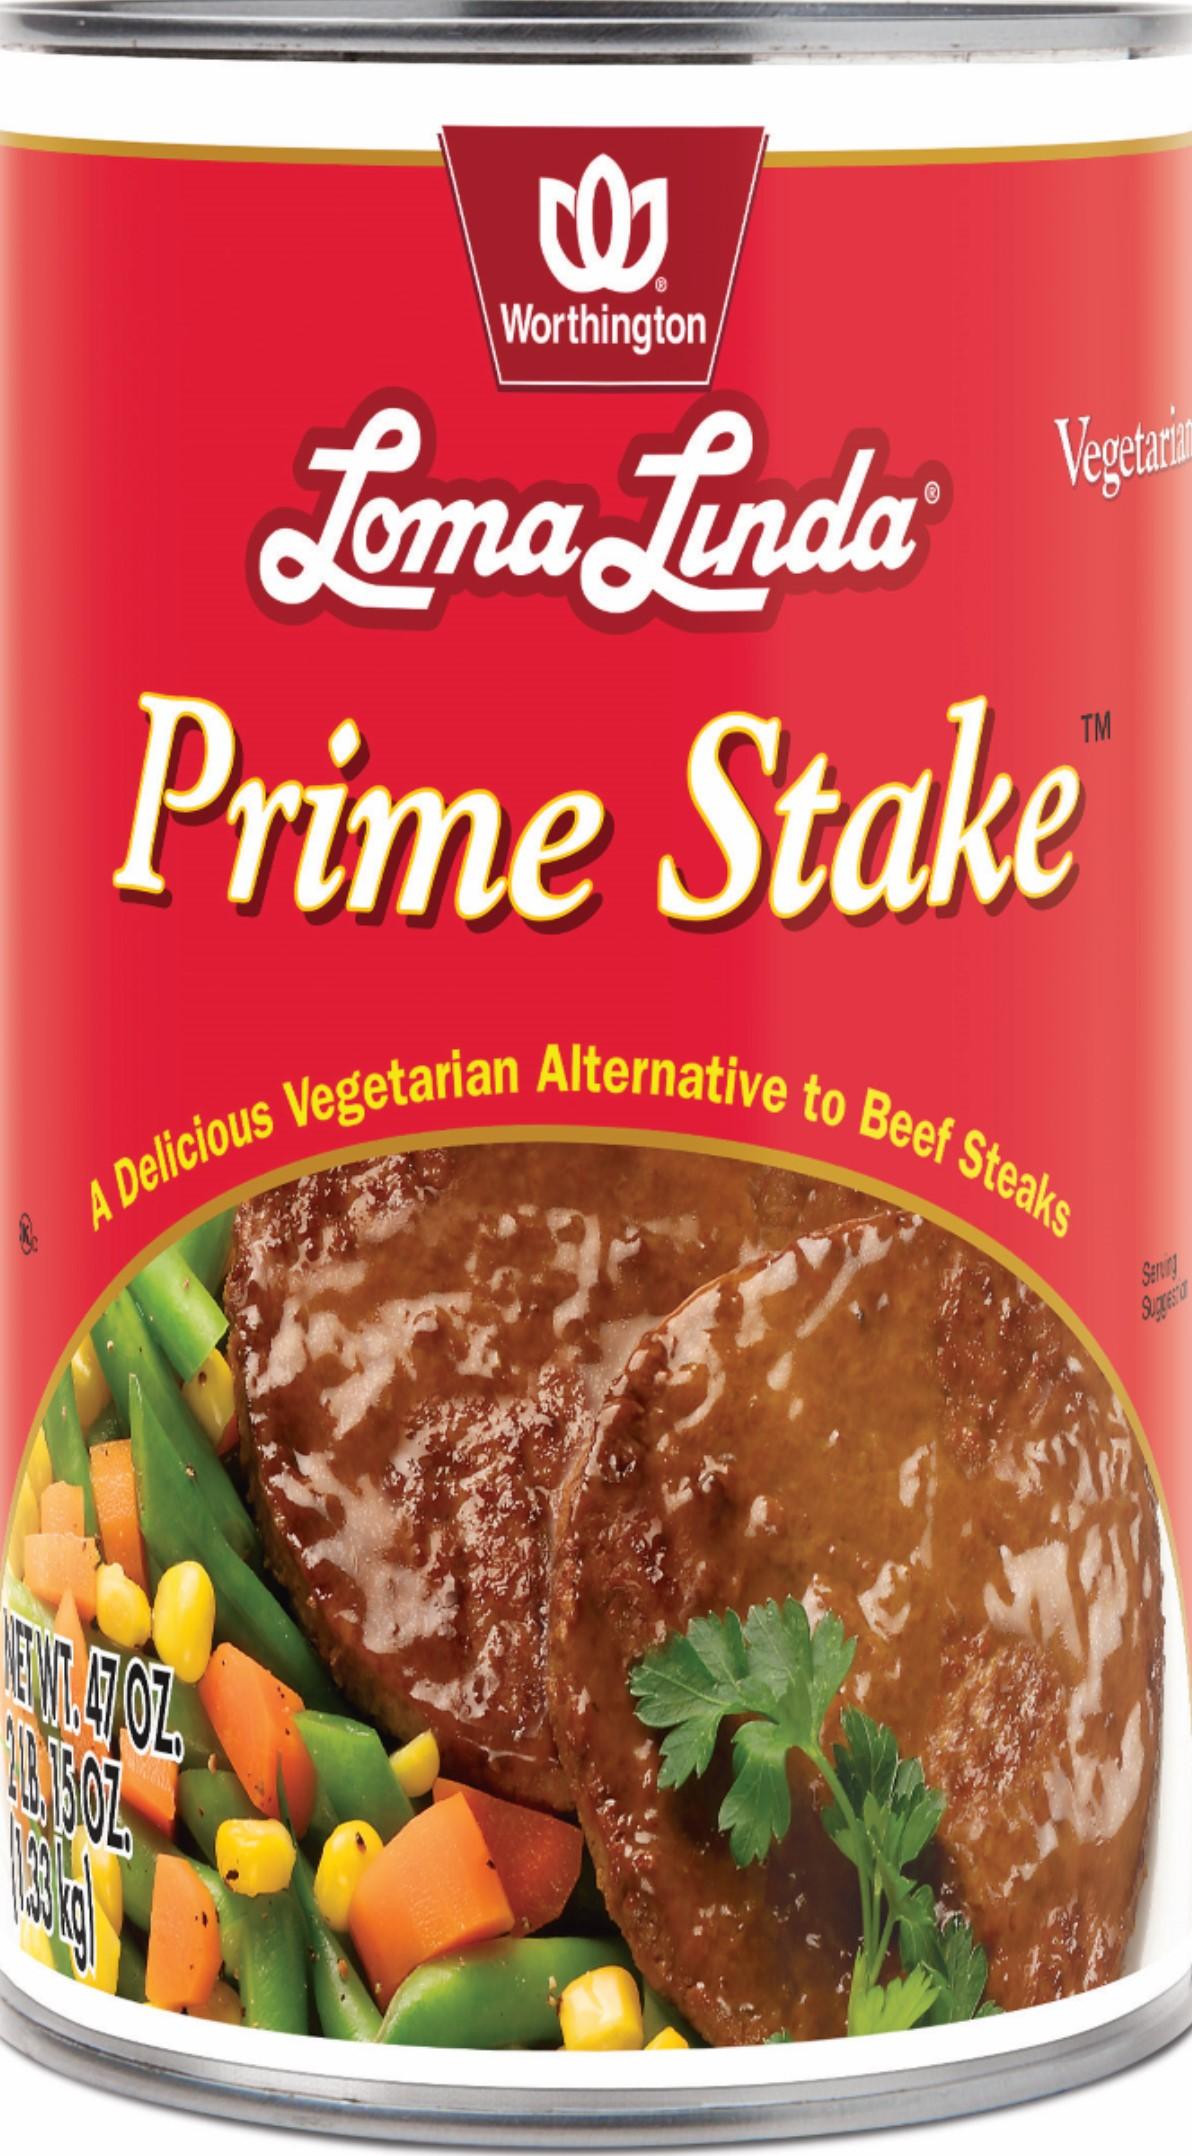 PRIME STAKES FAMILY SIZE CASE,WORTHINGTON,100069